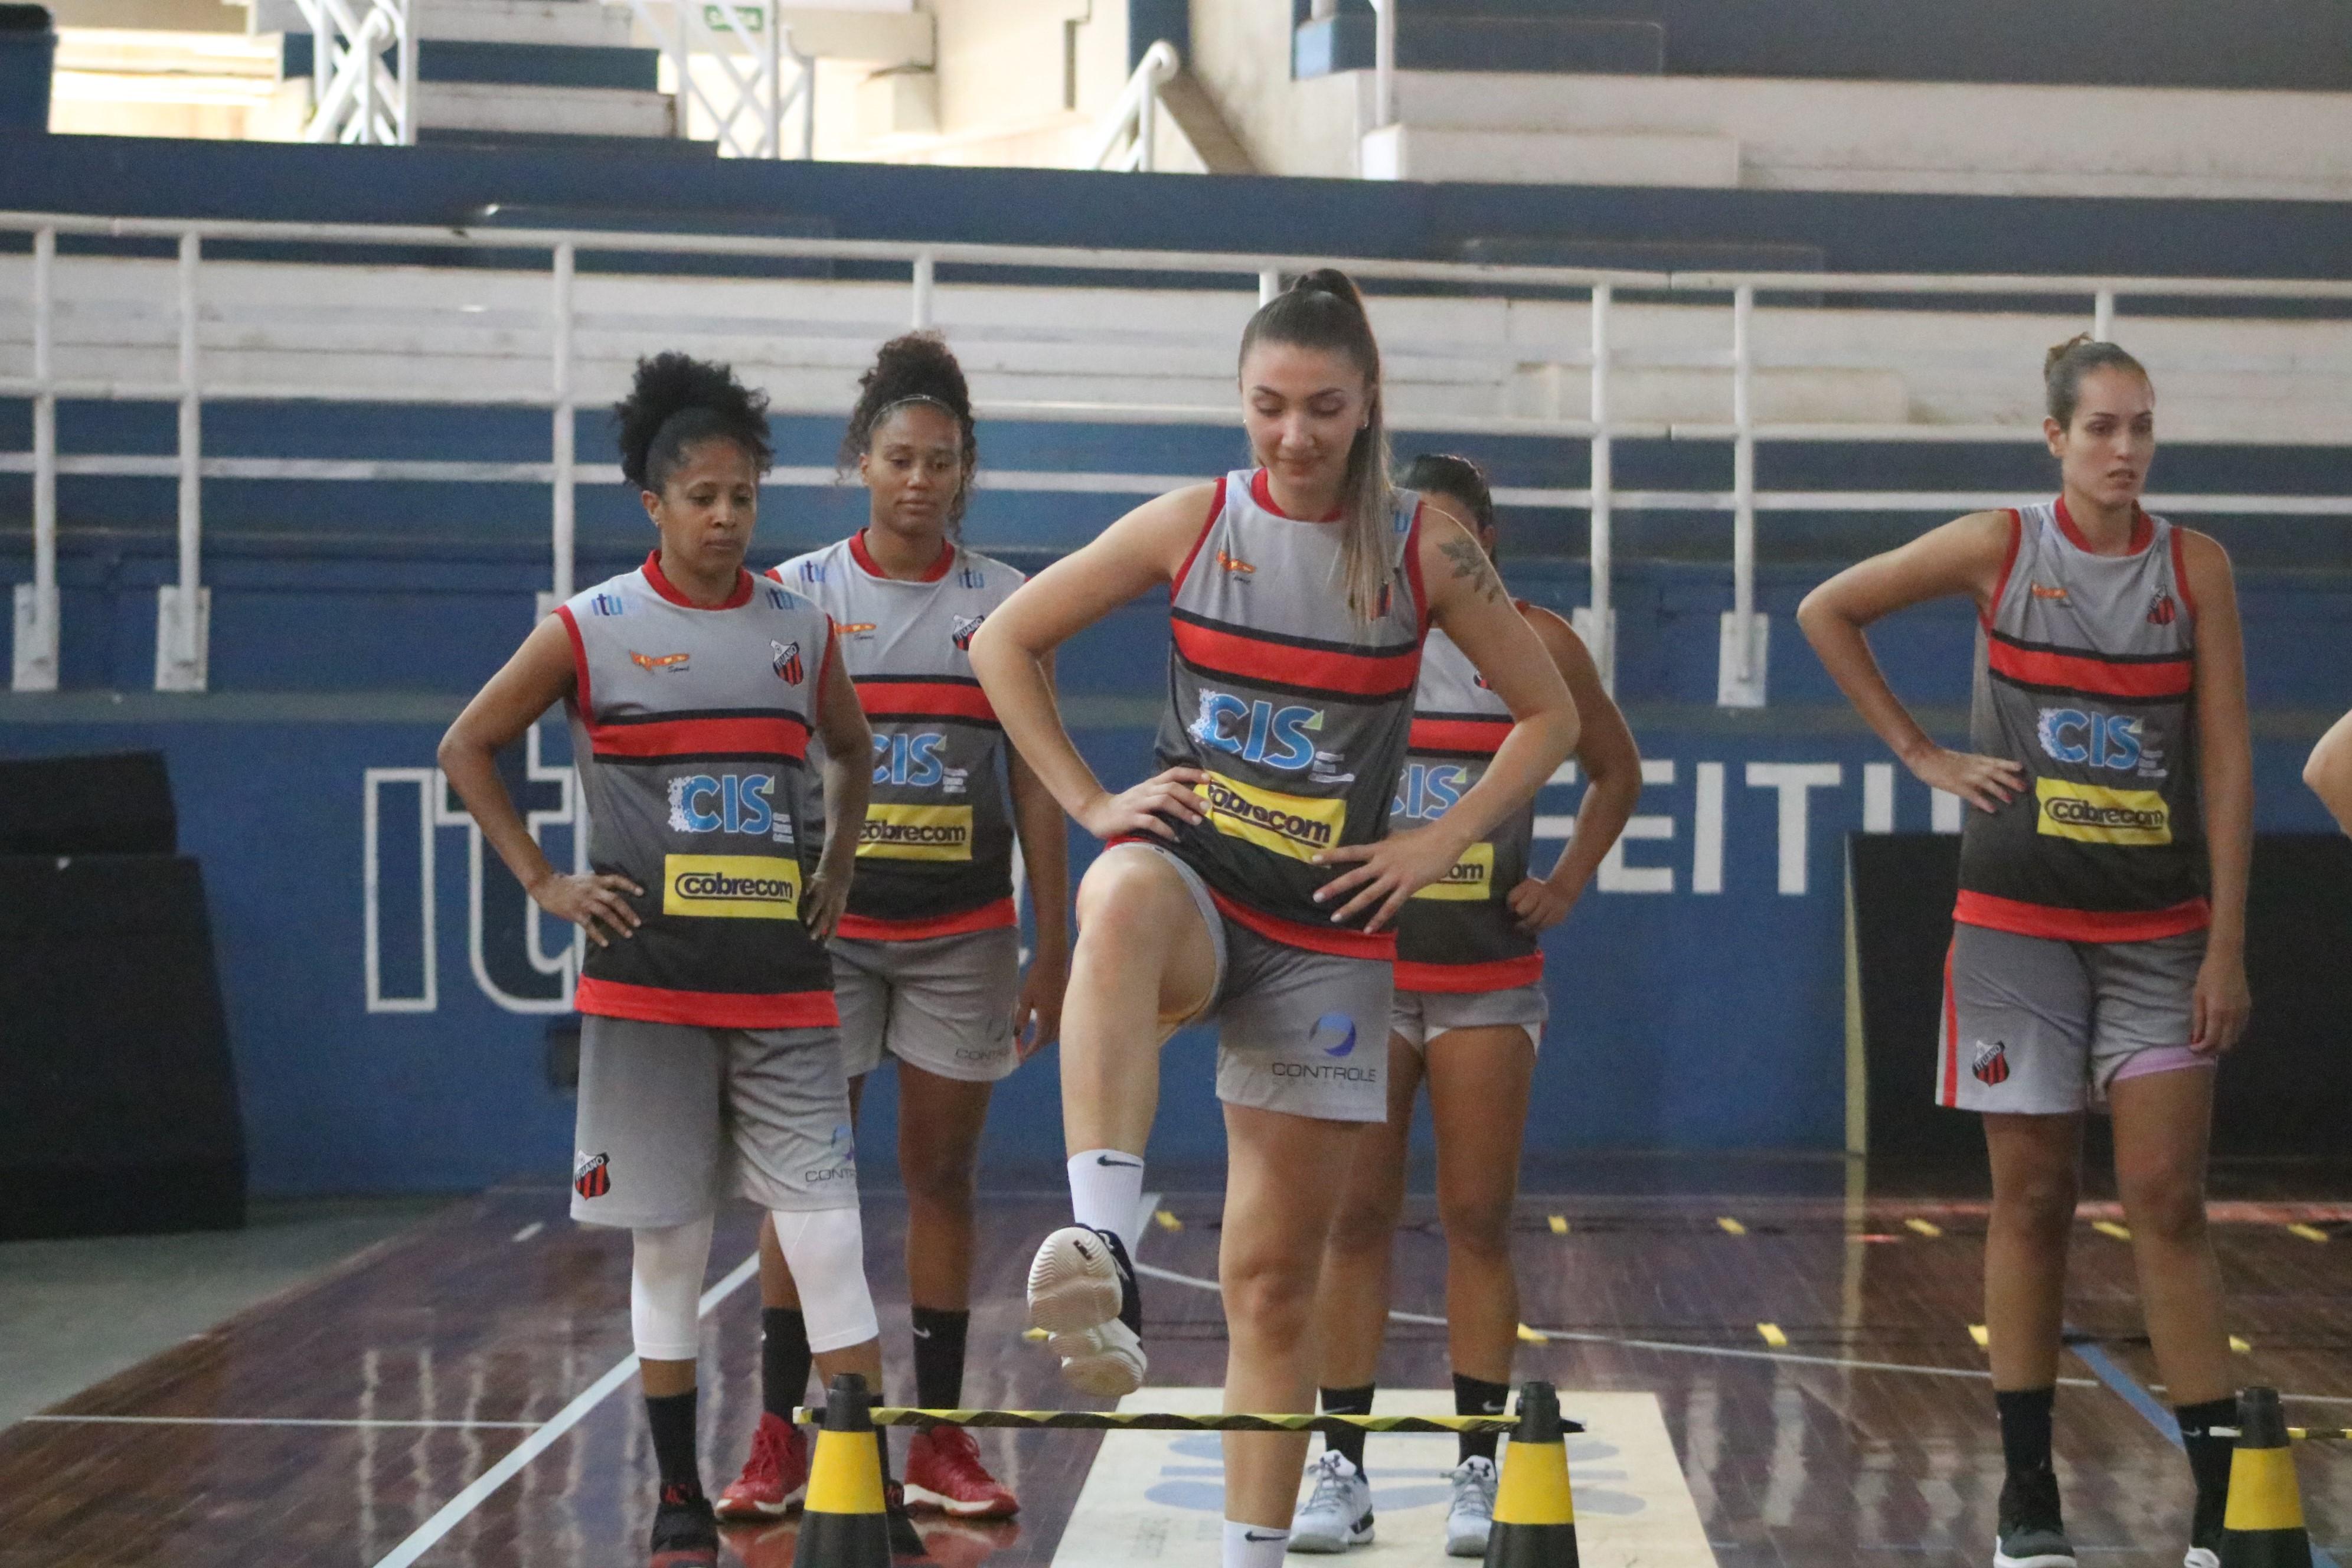 Mari Dias fez um bom pré-olímpico com a Seleção / Foto: Nathane Agostini/Divulgação